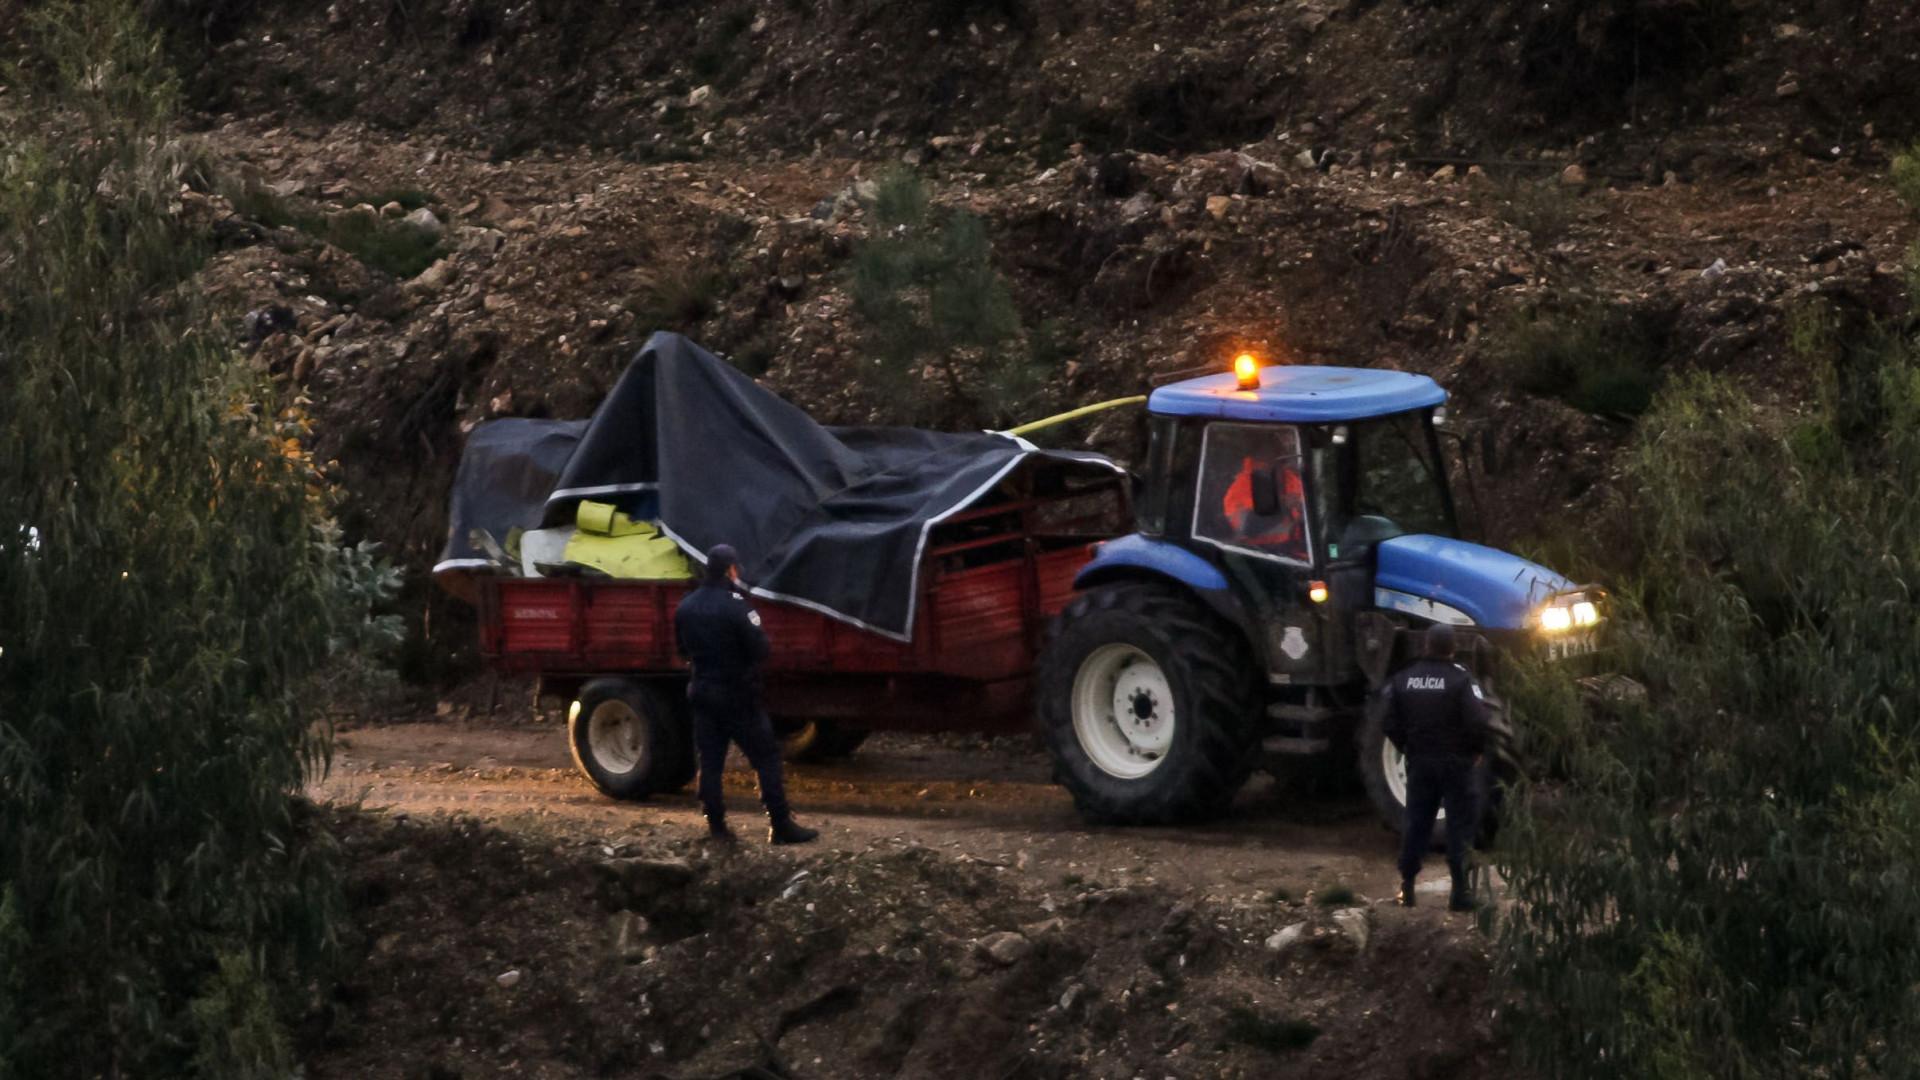 A tragédia da queda do helicóptero do INEM em imagens